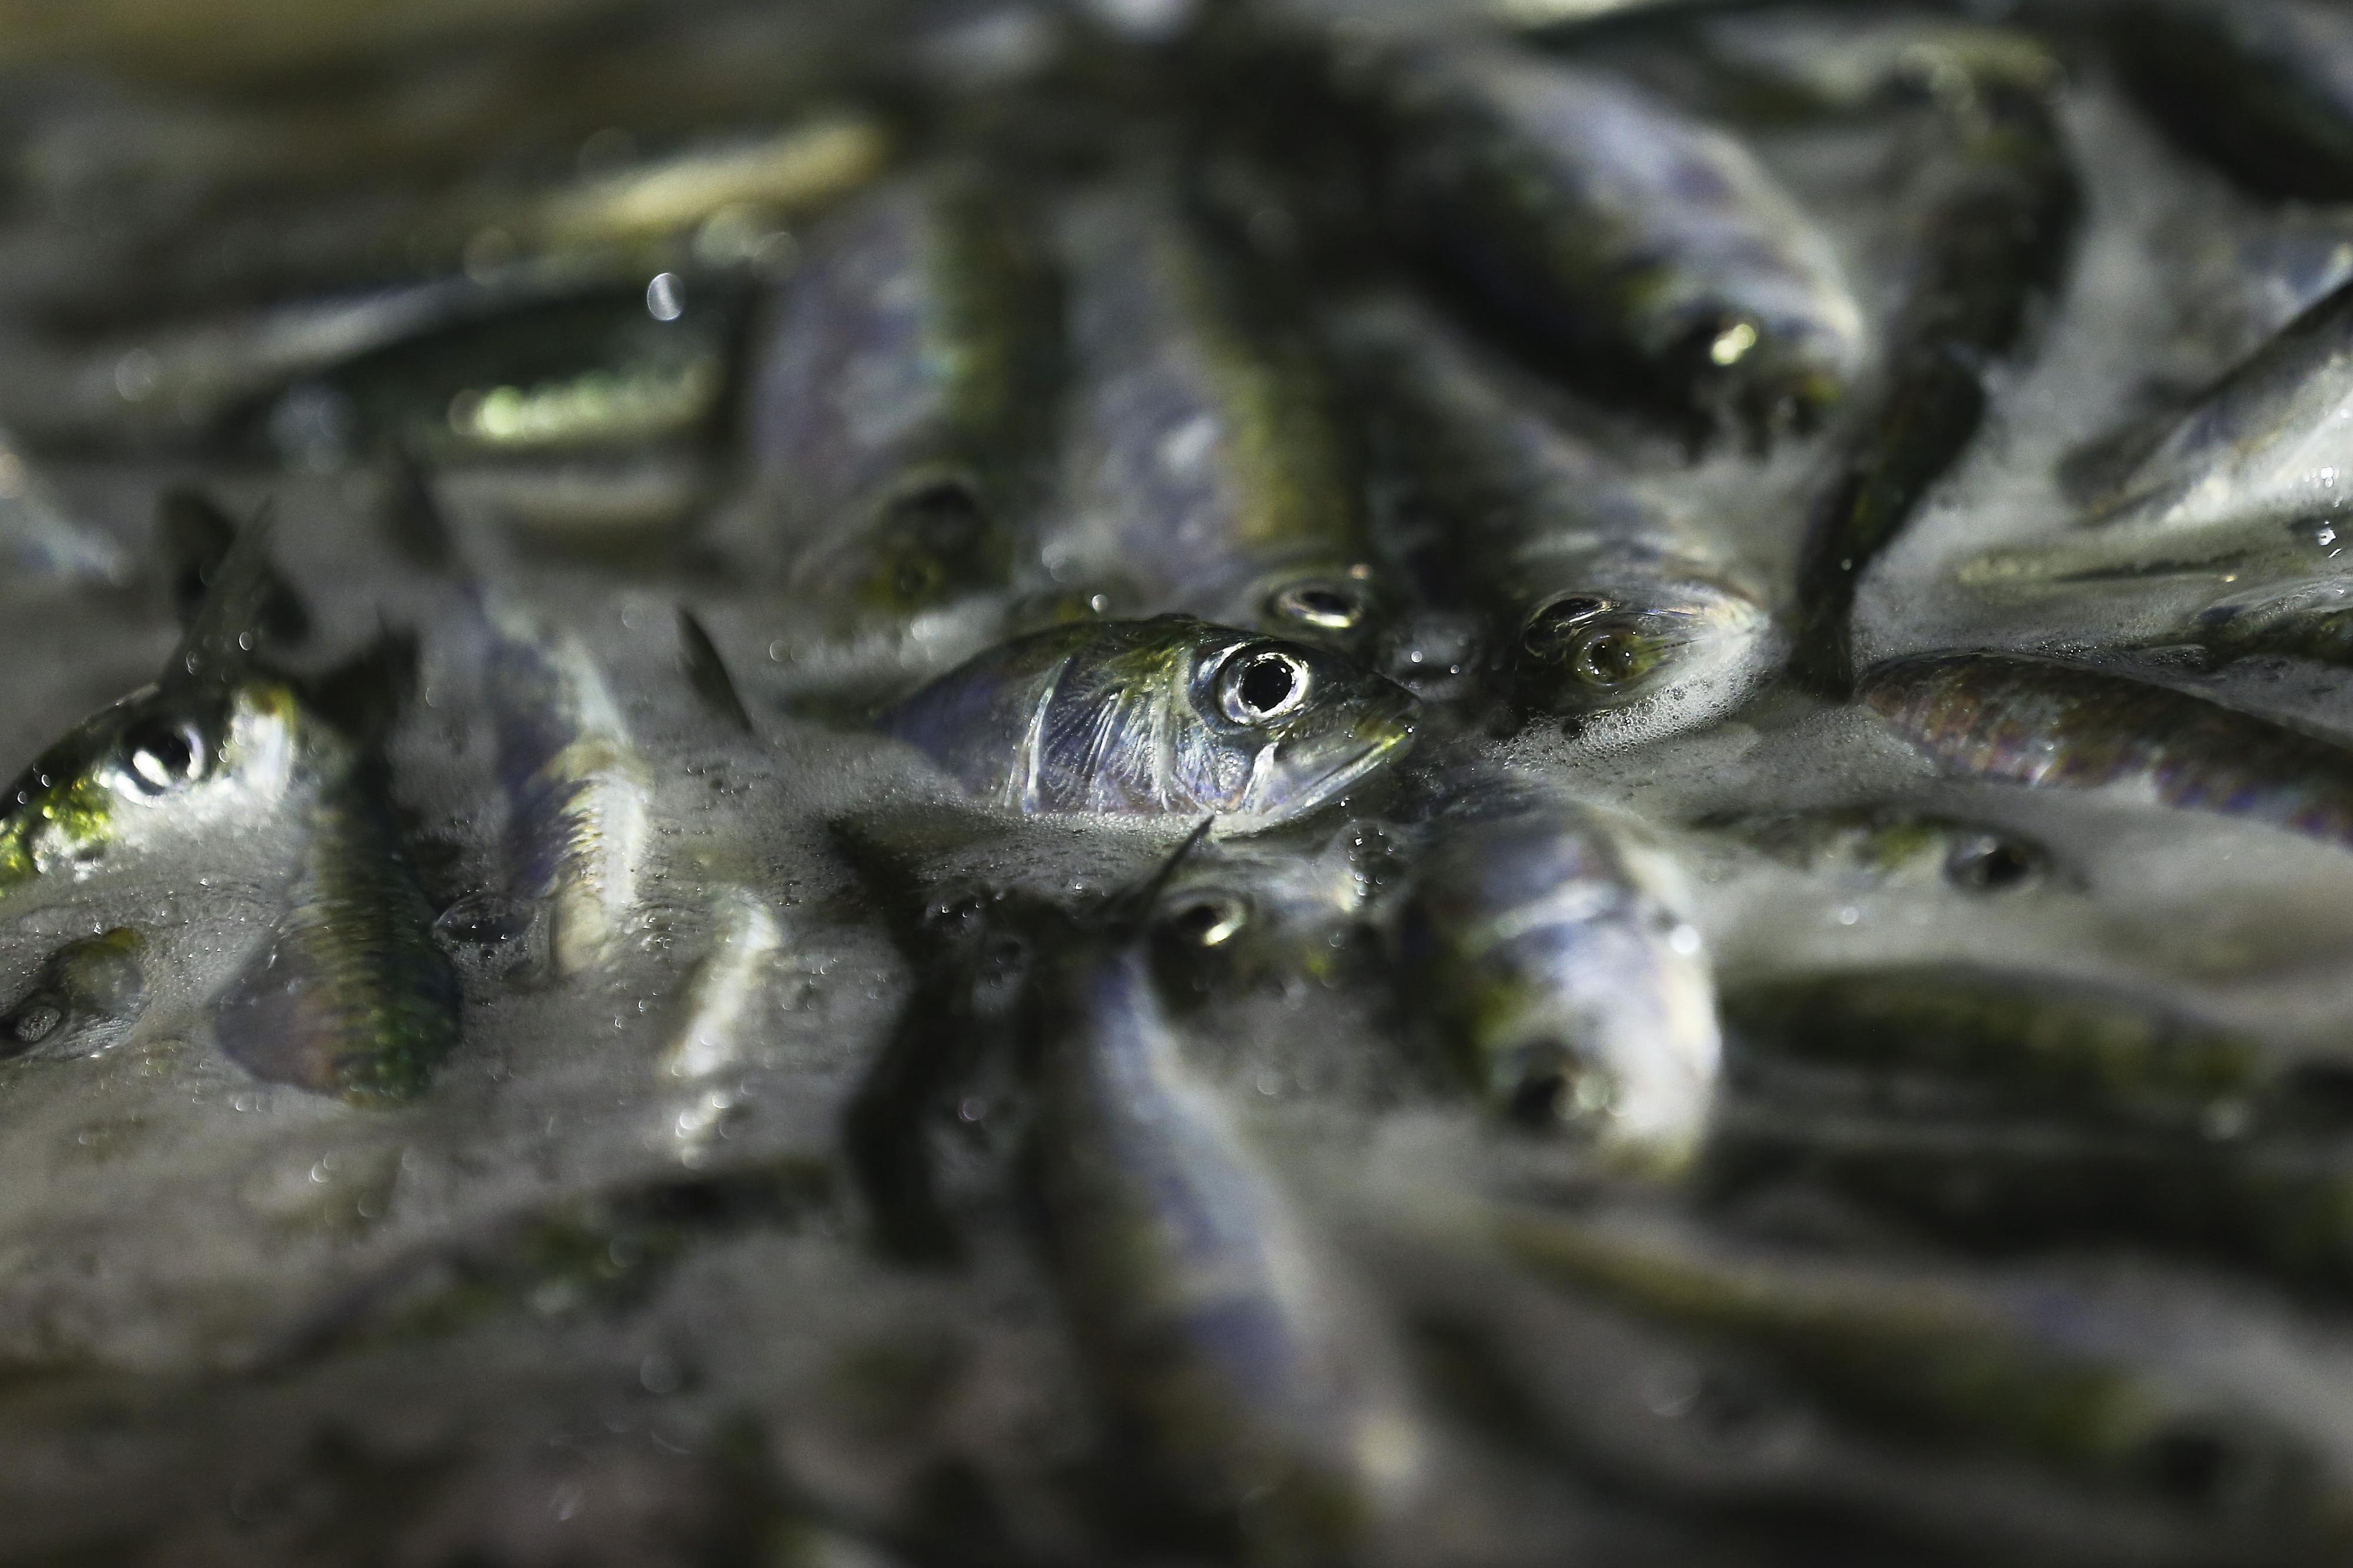 Bruxelas não proíbe pesca de sardinha mas quer que Lisboa veja situação com seriedade